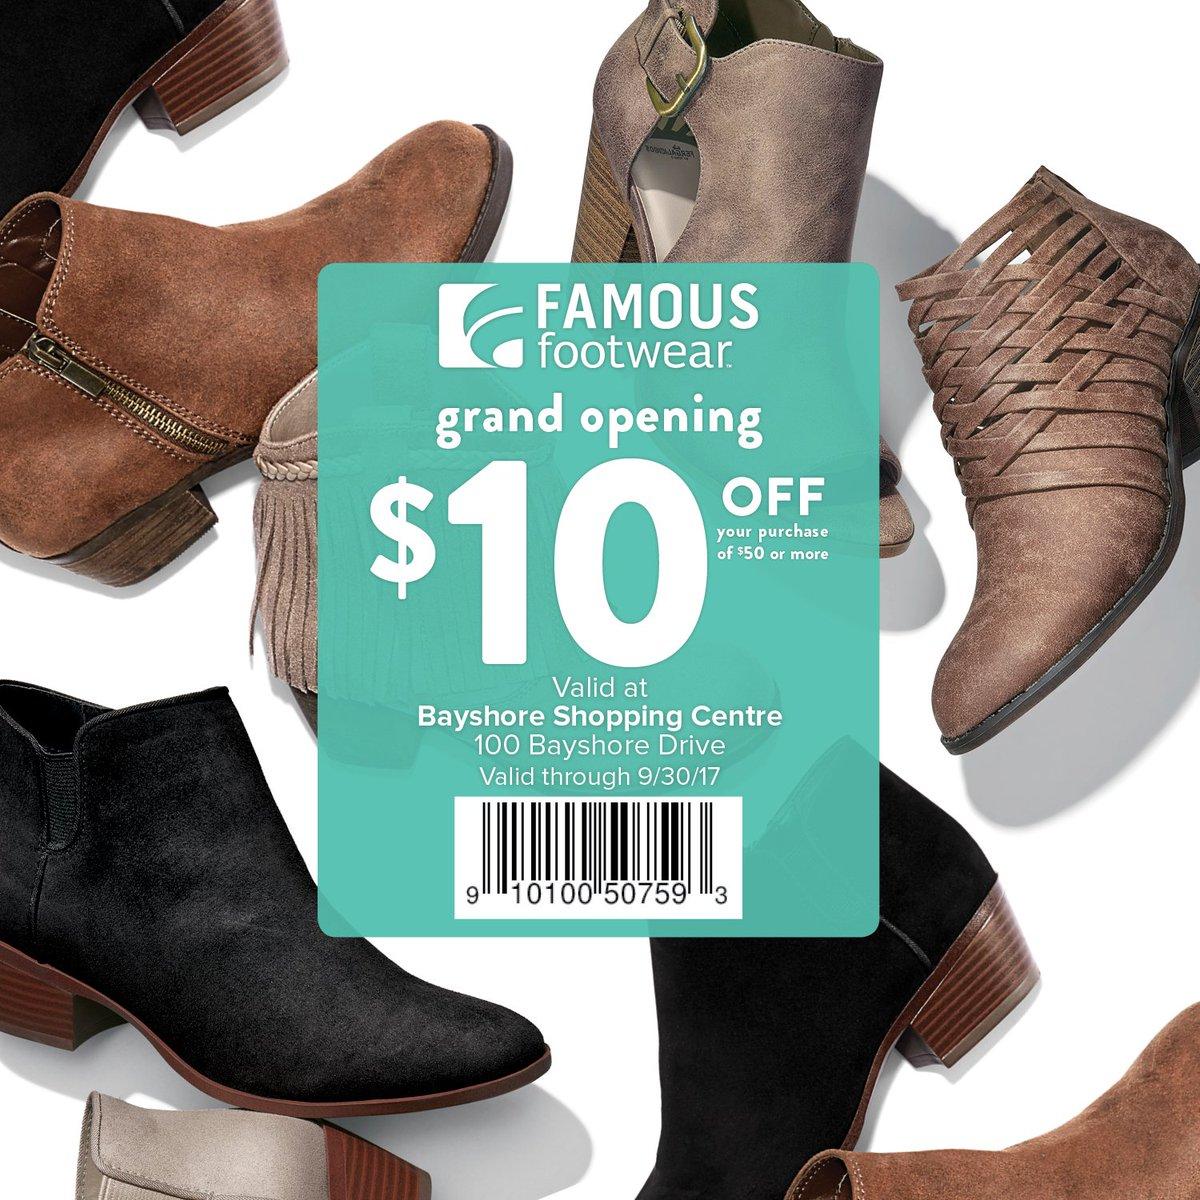 Famous footwear — photo 10